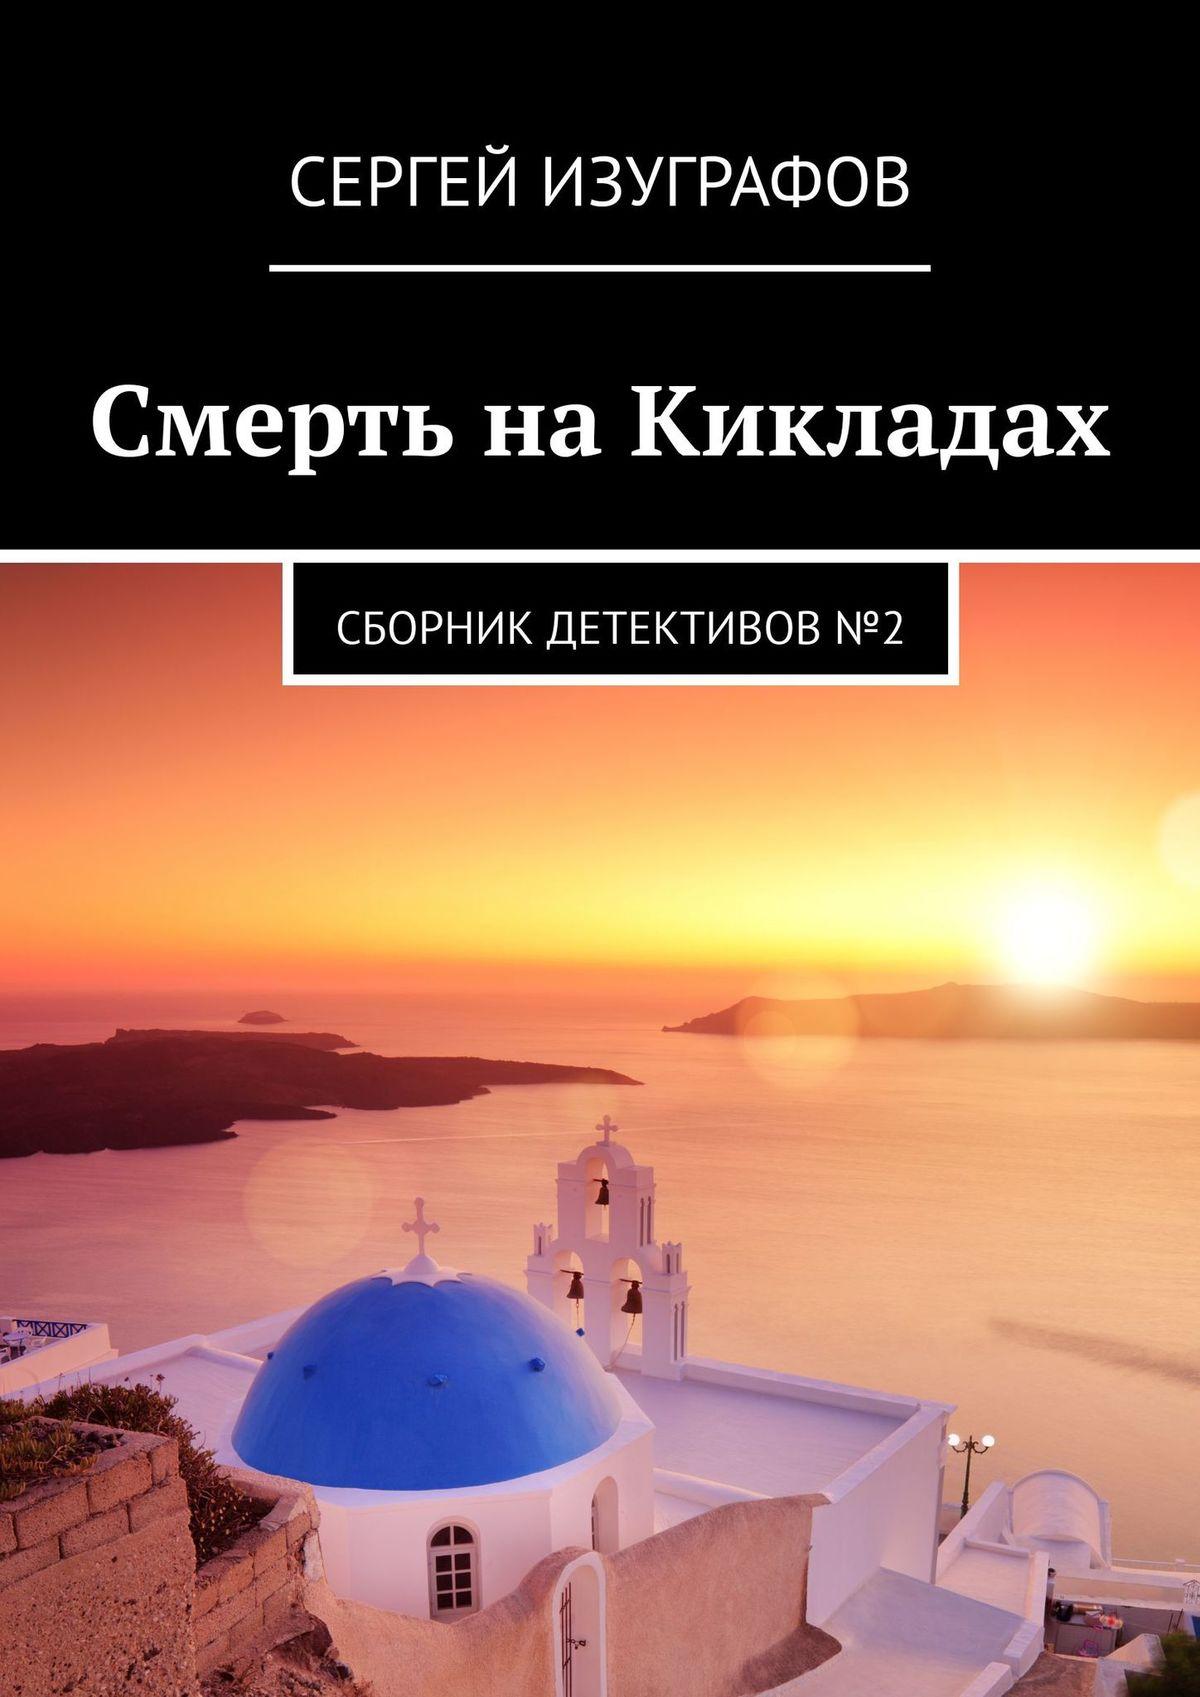 Сергей Изуграфов Смерть наКикладах. Сборник детективов№2